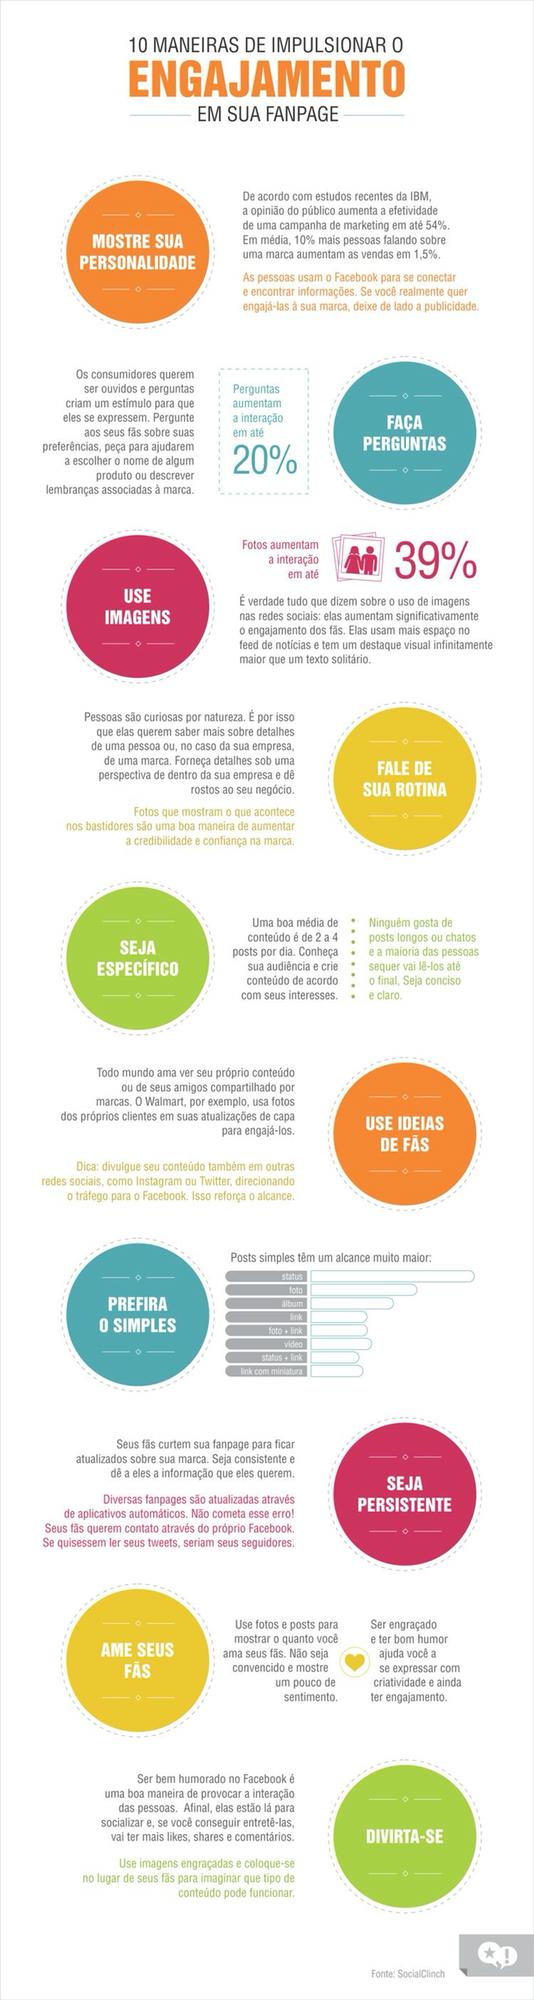 Engajamento! Está aí um mantra que deveria ser repetido diariamente nos criativos! Vem ver essas dicas para pensar sobre ele!